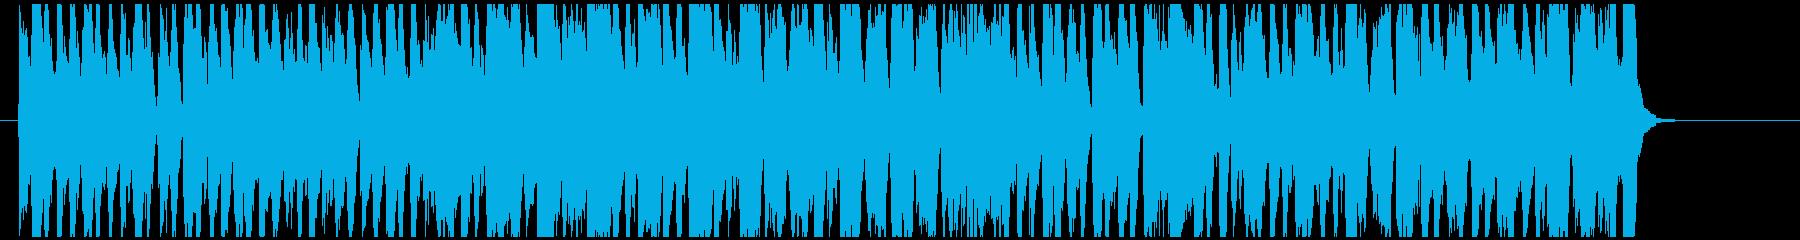 可愛いくて楽しい「猫ふんじゃった」の再生済みの波形